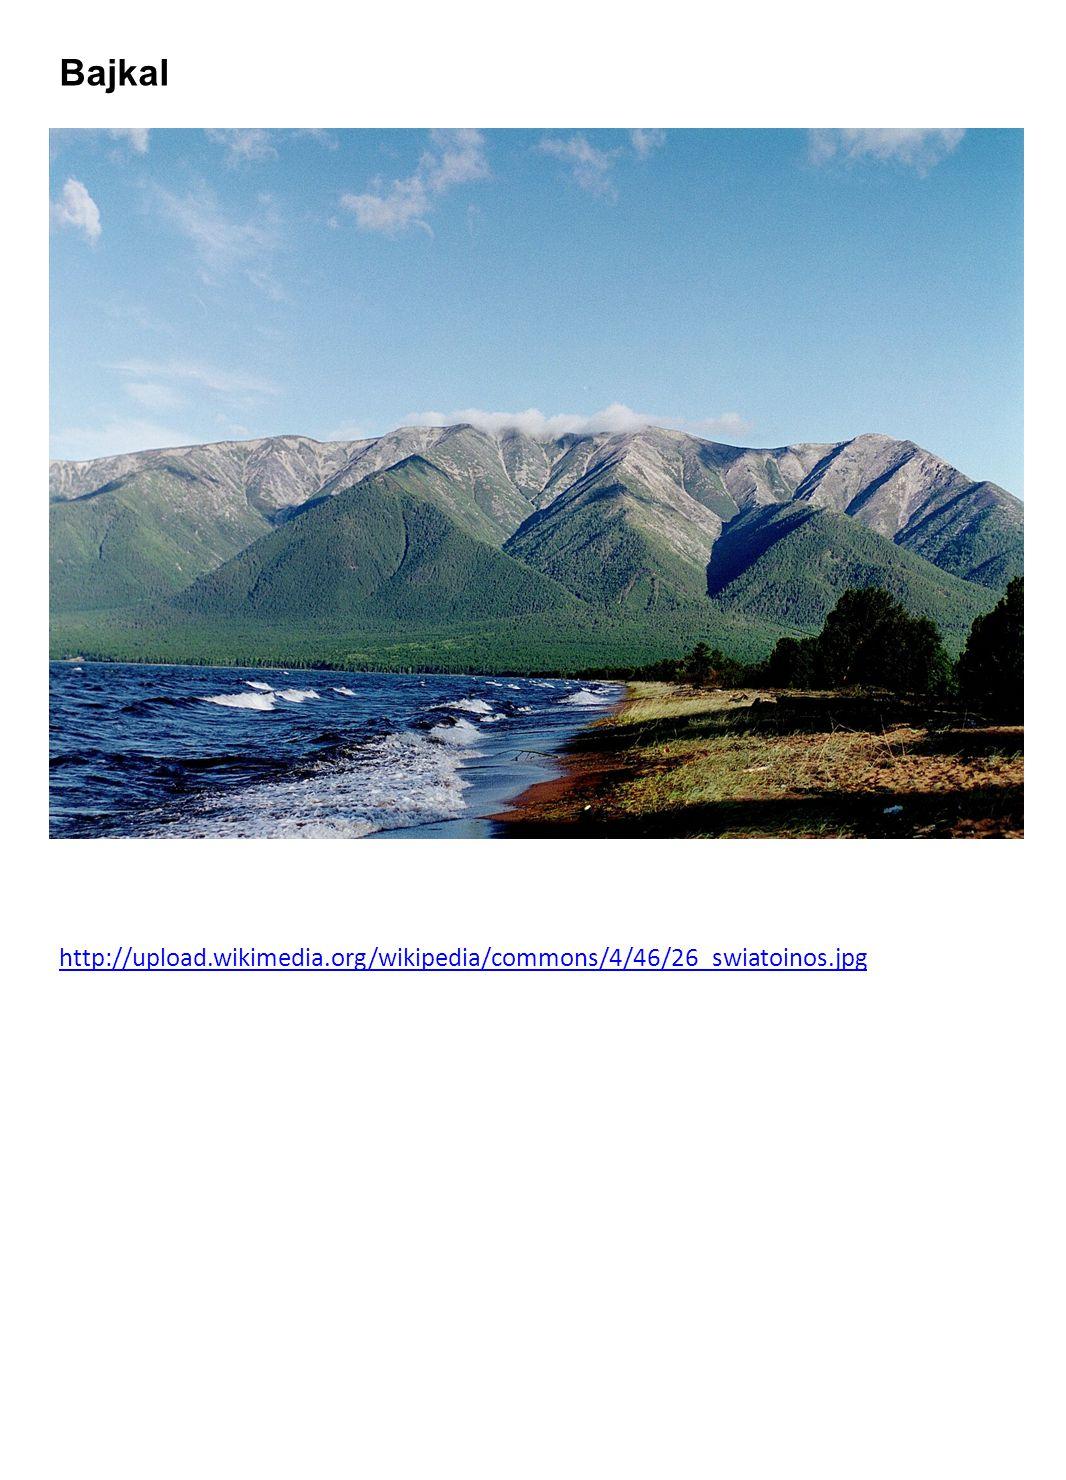 Tři soutěsky - řeka Jang c-Tiang http://aa.ecn.cz/img_upload/e6ffb6c50bc1424ab10ecf09e063cd63/albums/ftp/ene rgie/vodni/tri_soutesky_cina01.jpg - přehradní nádrž s největší elektrárnou (nejen vodní) na světě, pokrývá až desetinu čínské spotřeby elektrické energie - výstavbou zničeno 13 velkoměst, 140 měst, 1352 vesnic, přesídleny další 4 miliony lidí kvůli rozsáhlým sesuvům půdy, půdní erozi a znečištění - bude způsobovat velké škody na životním prostředí